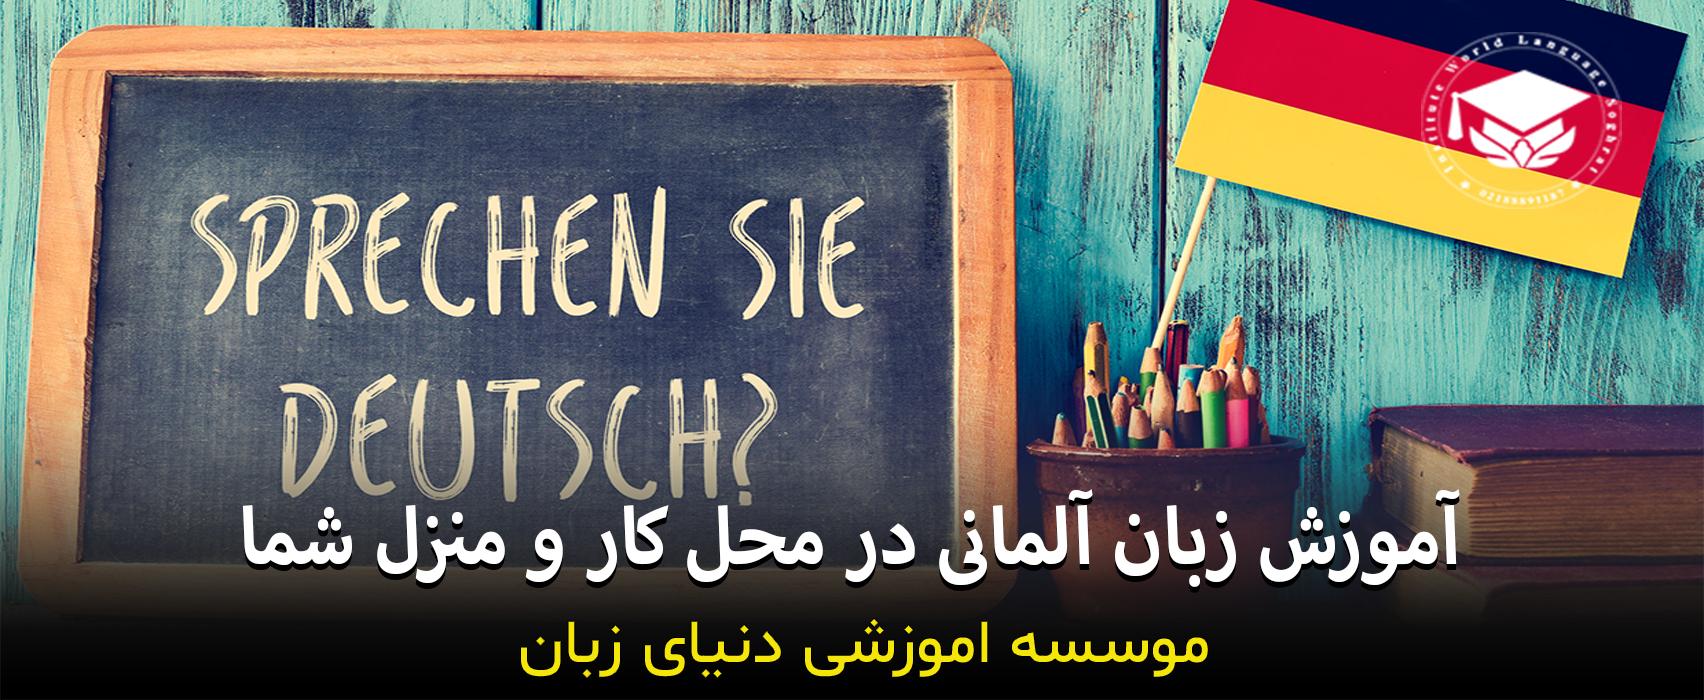 آموزش خصوصی زبان آلمانی در آرژانتین یا ولیعصر